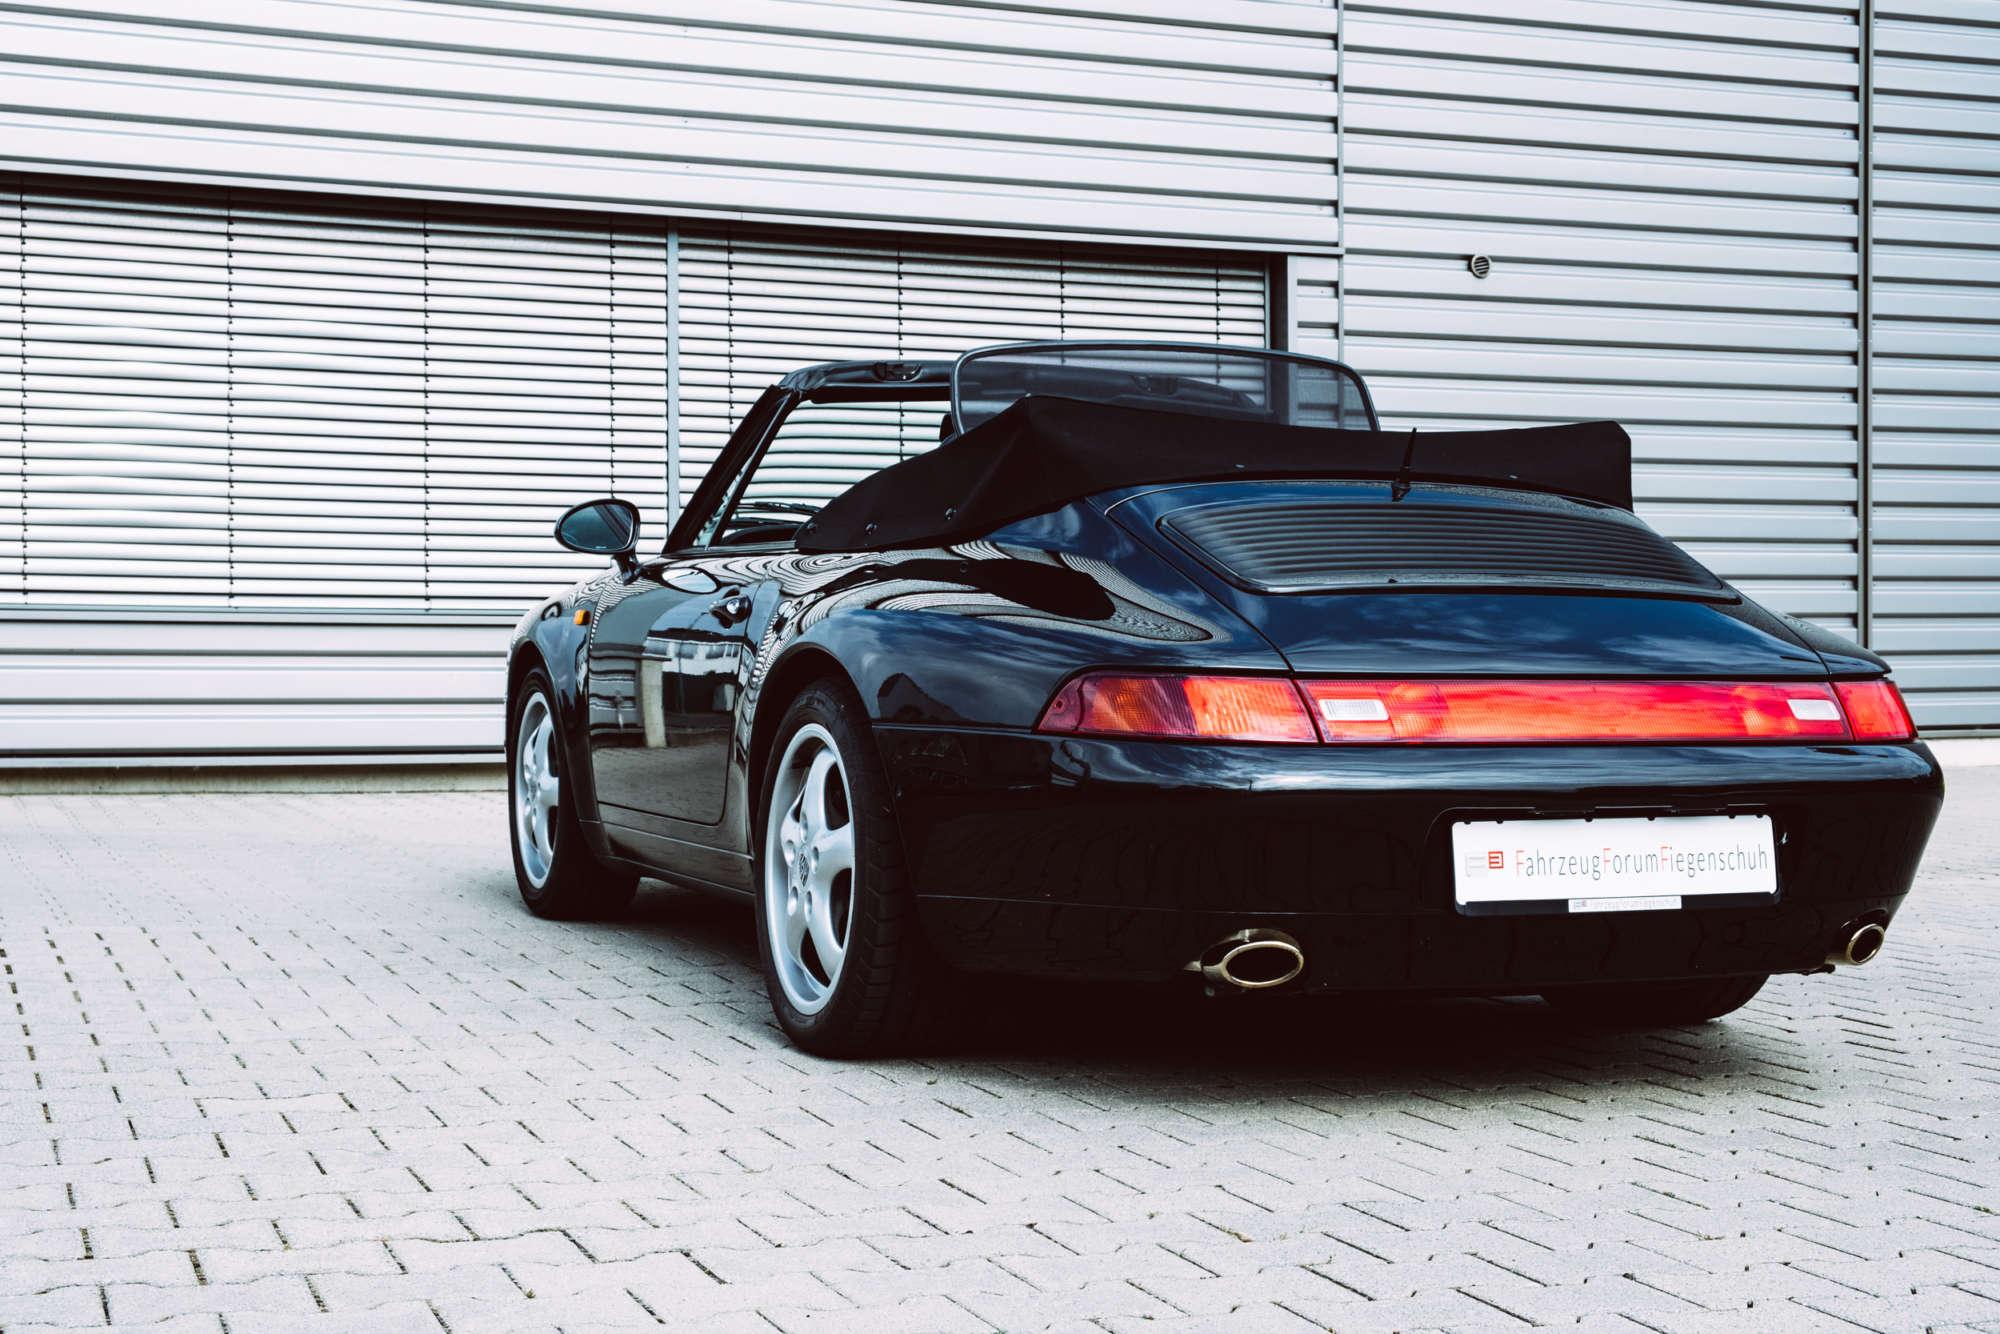 Porsche 993 Carrera Tiptronic Cabriolet black schwarz Fiegenschuh rear end